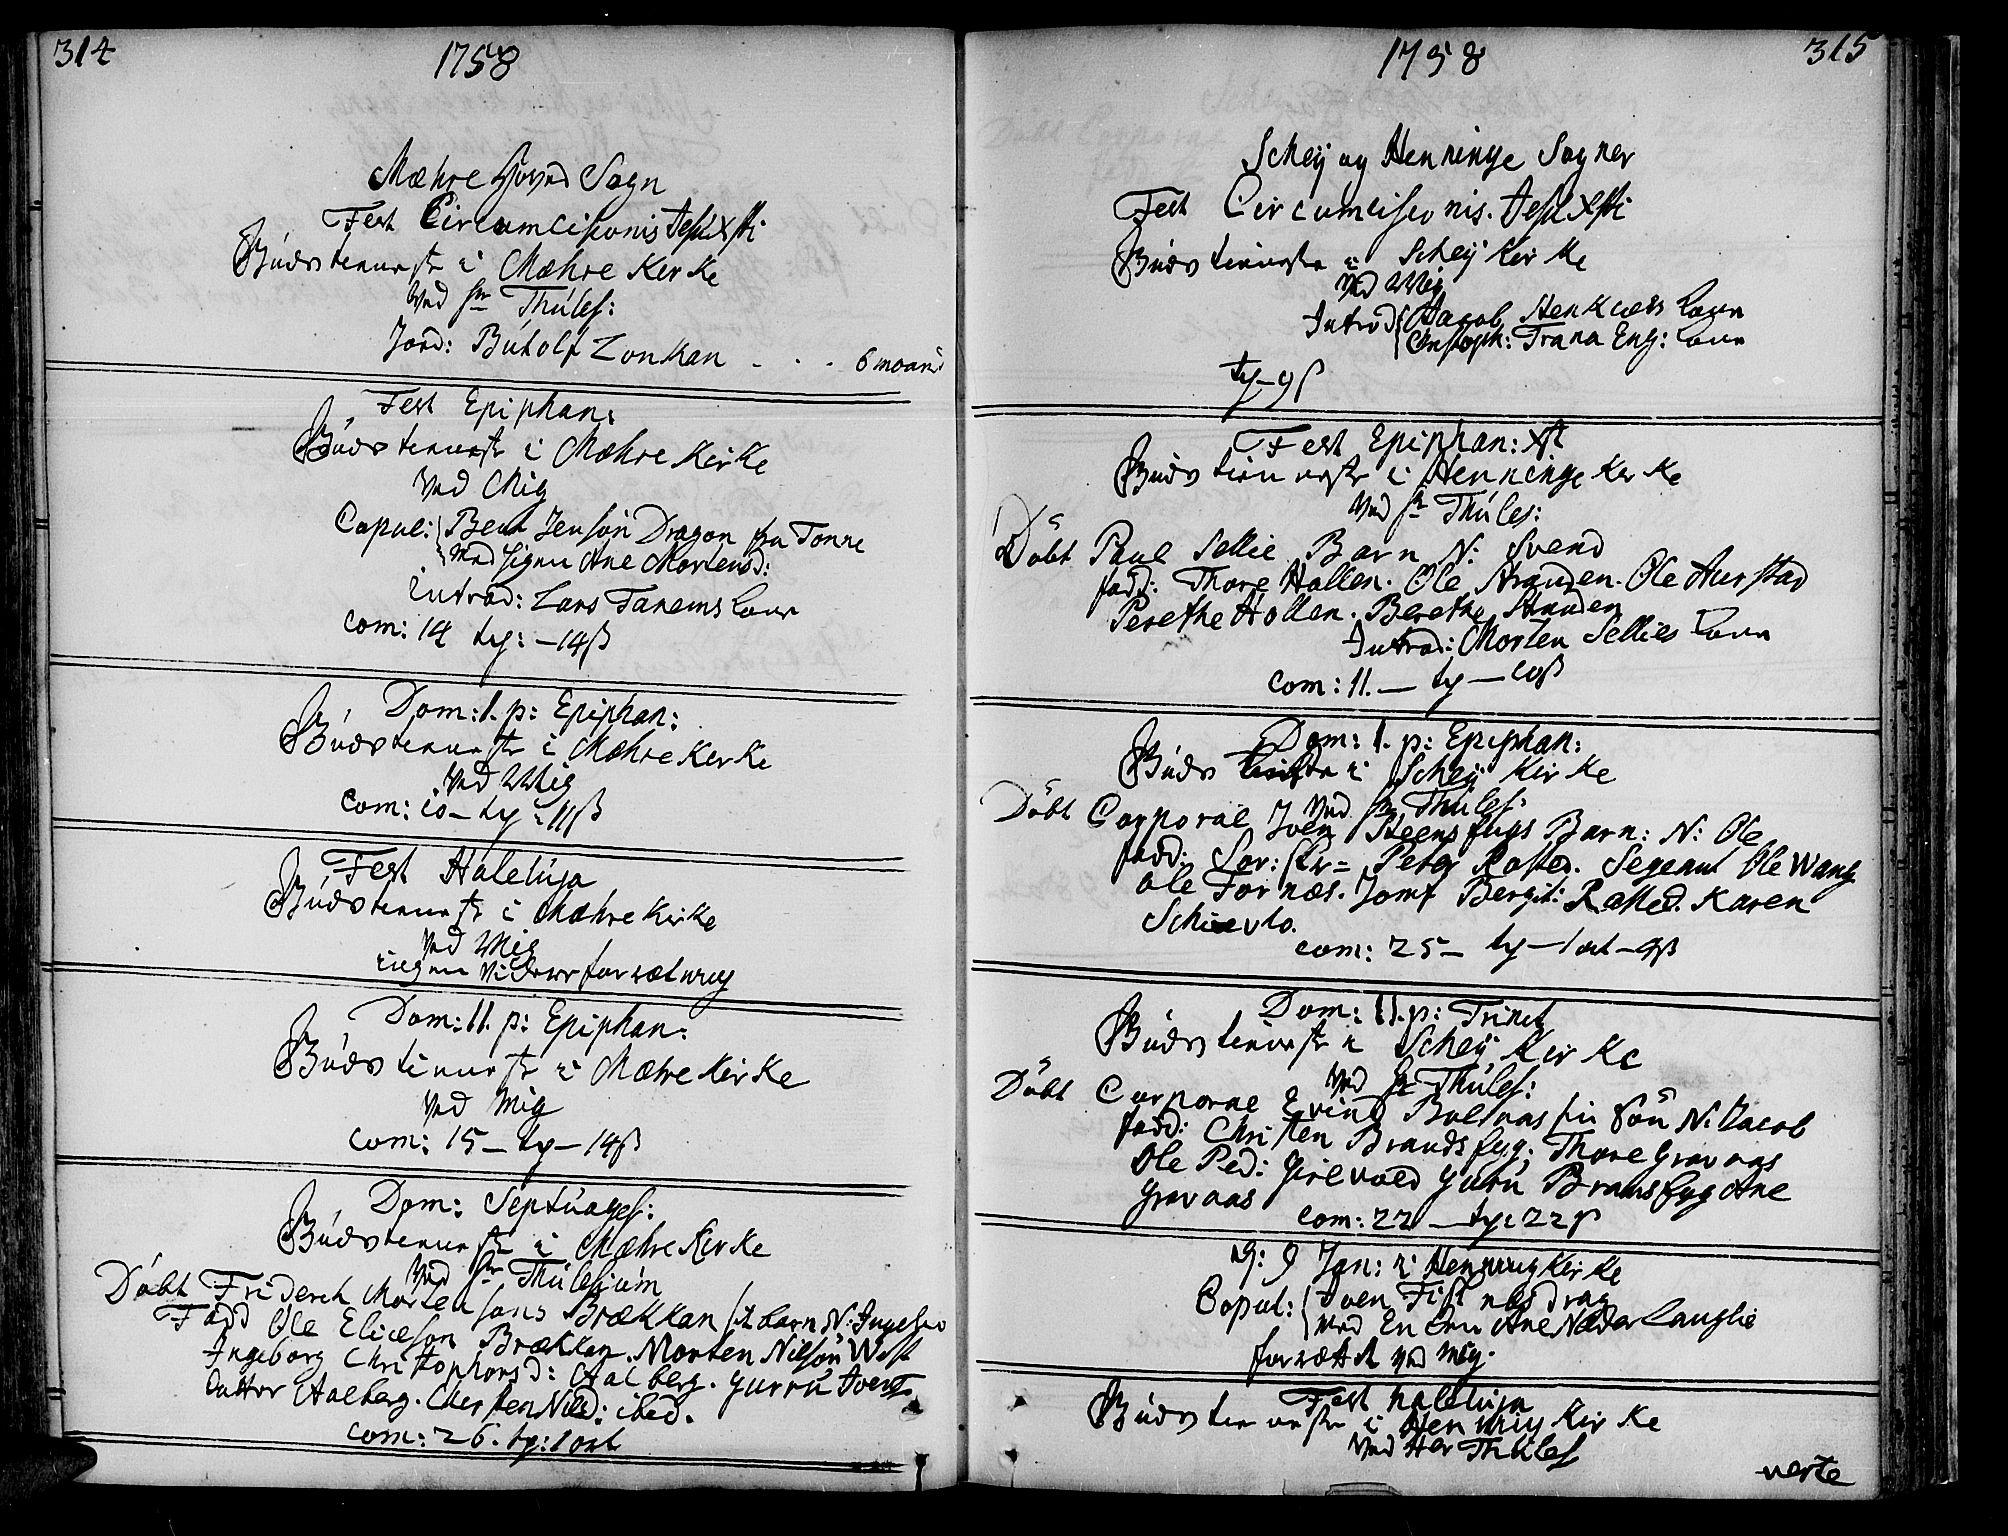 SAT, Ministerialprotokoller, klokkerbøker og fødselsregistre - Nord-Trøndelag, 735/L0330: Ministerialbok nr. 735A01, 1740-1766, s. 314-315